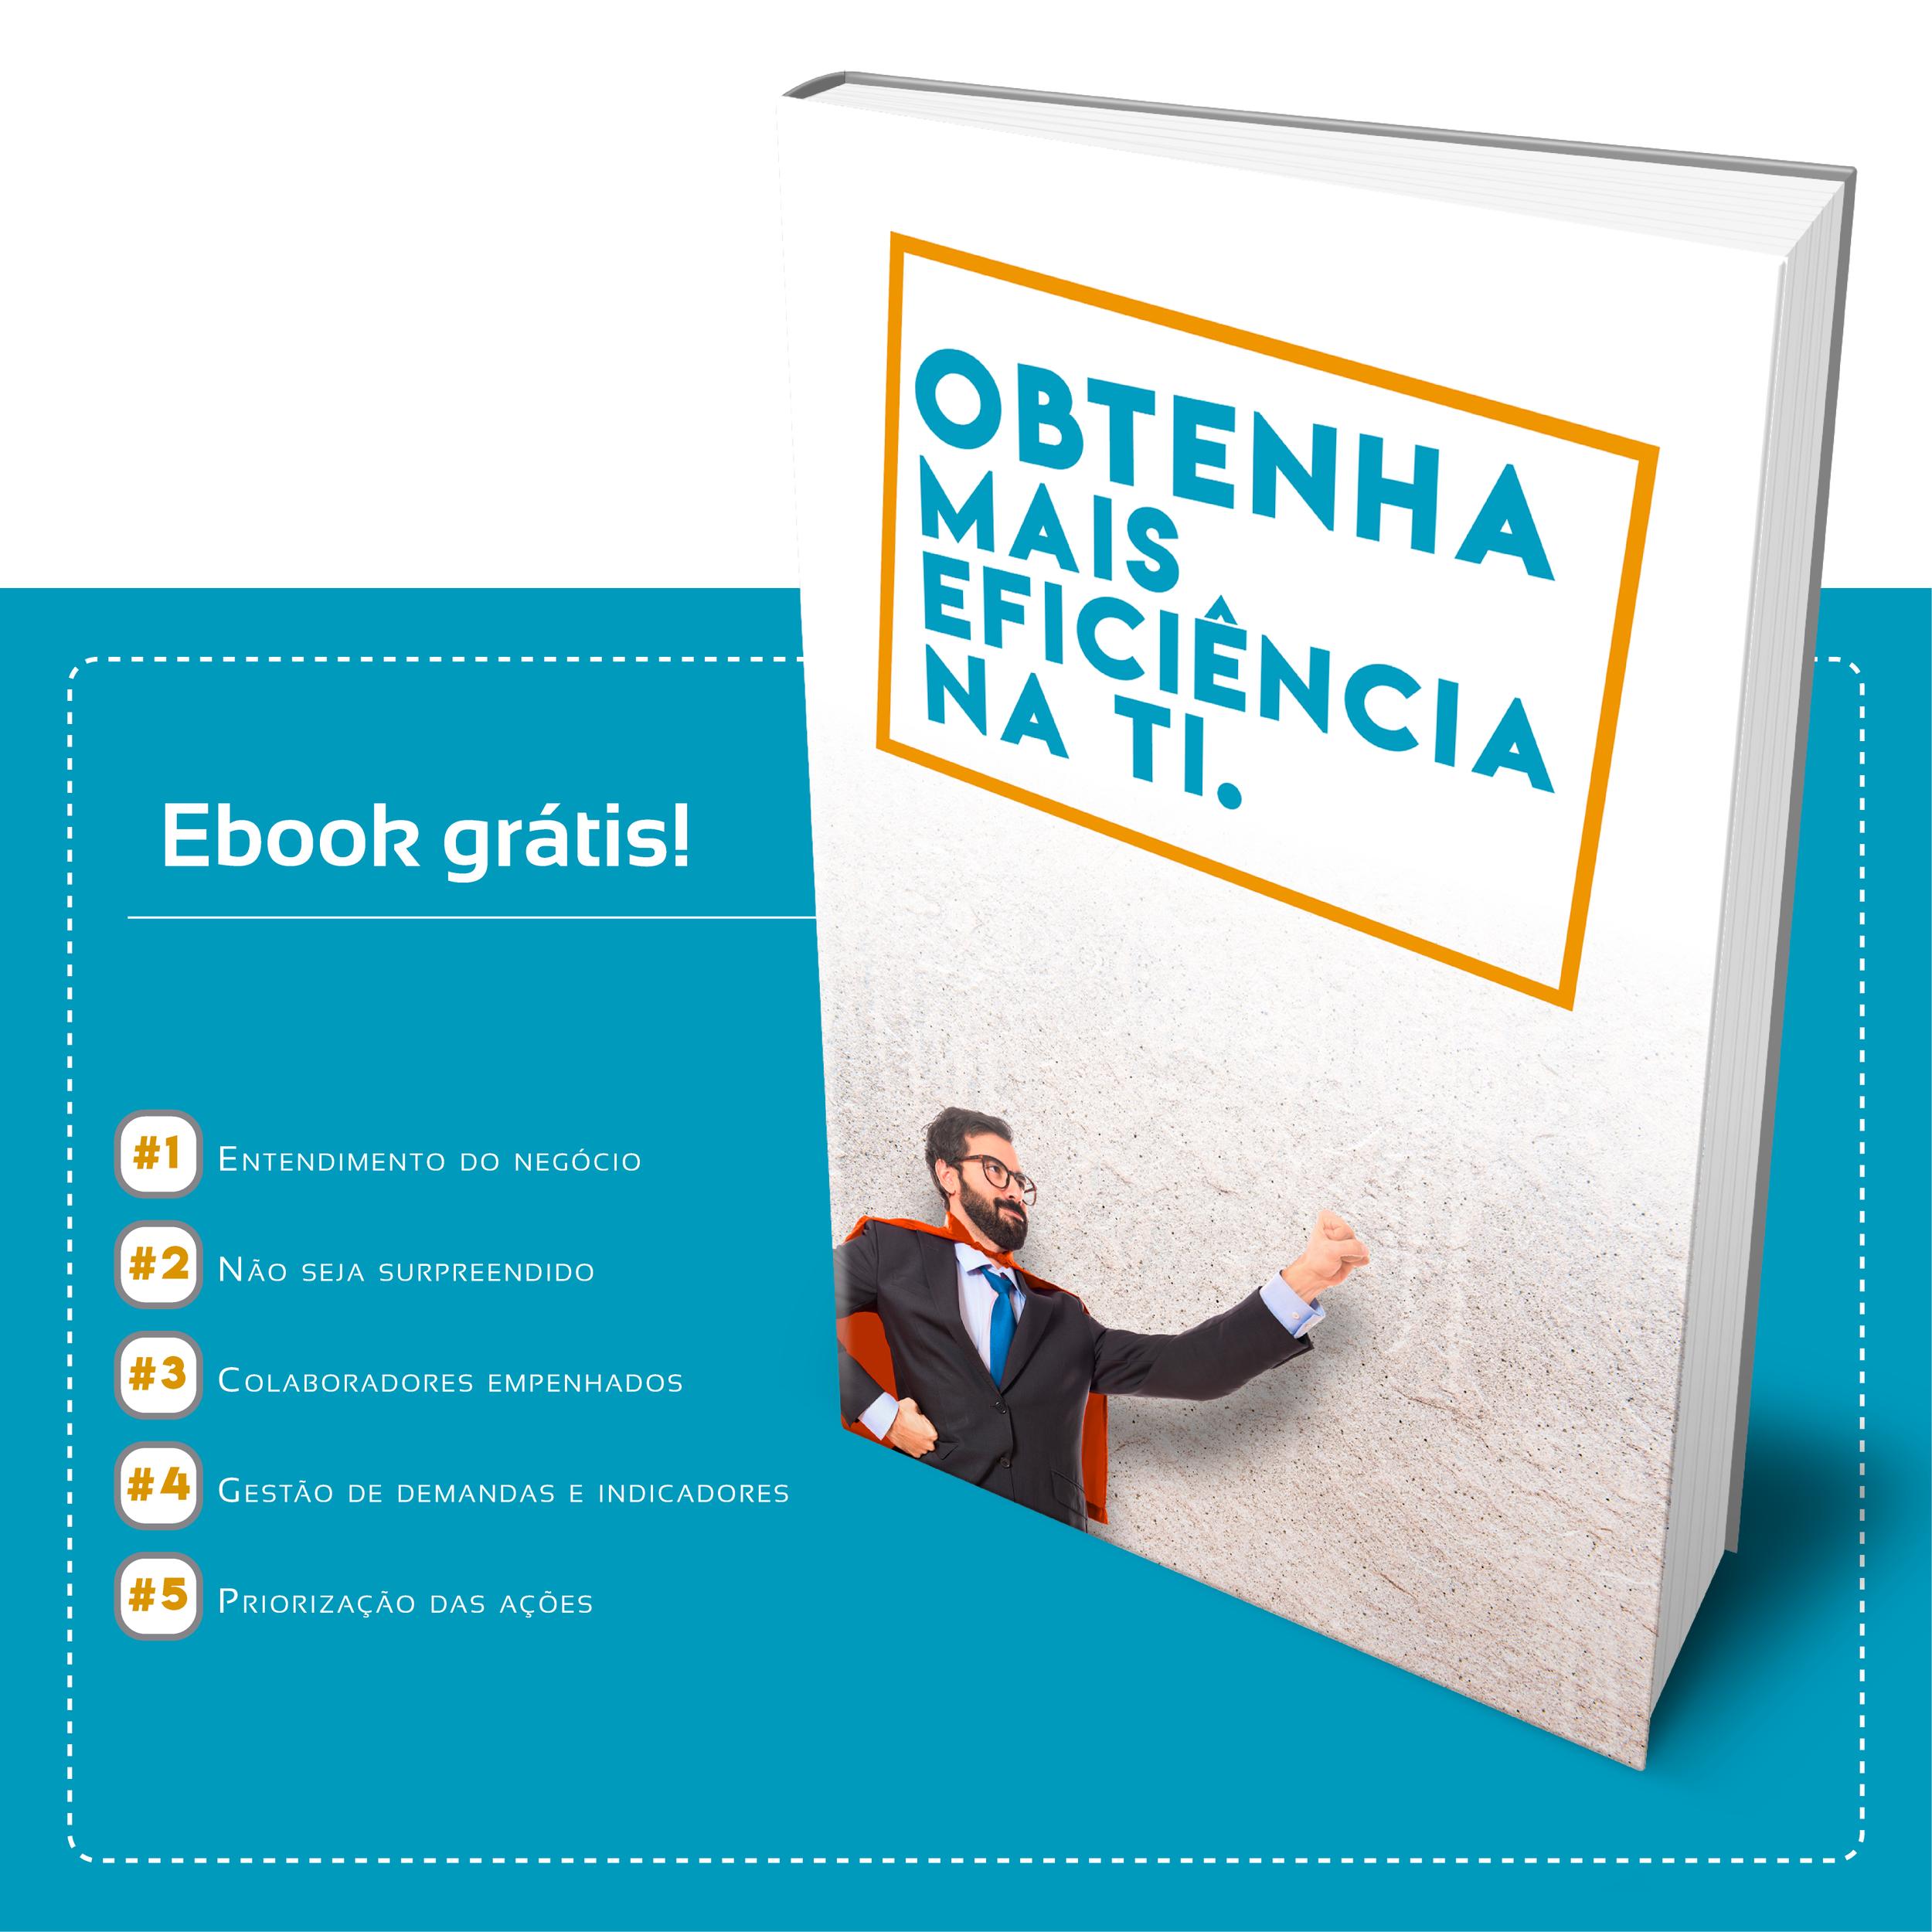 Ebook Grátis: Obtenha mais eficiência na TI